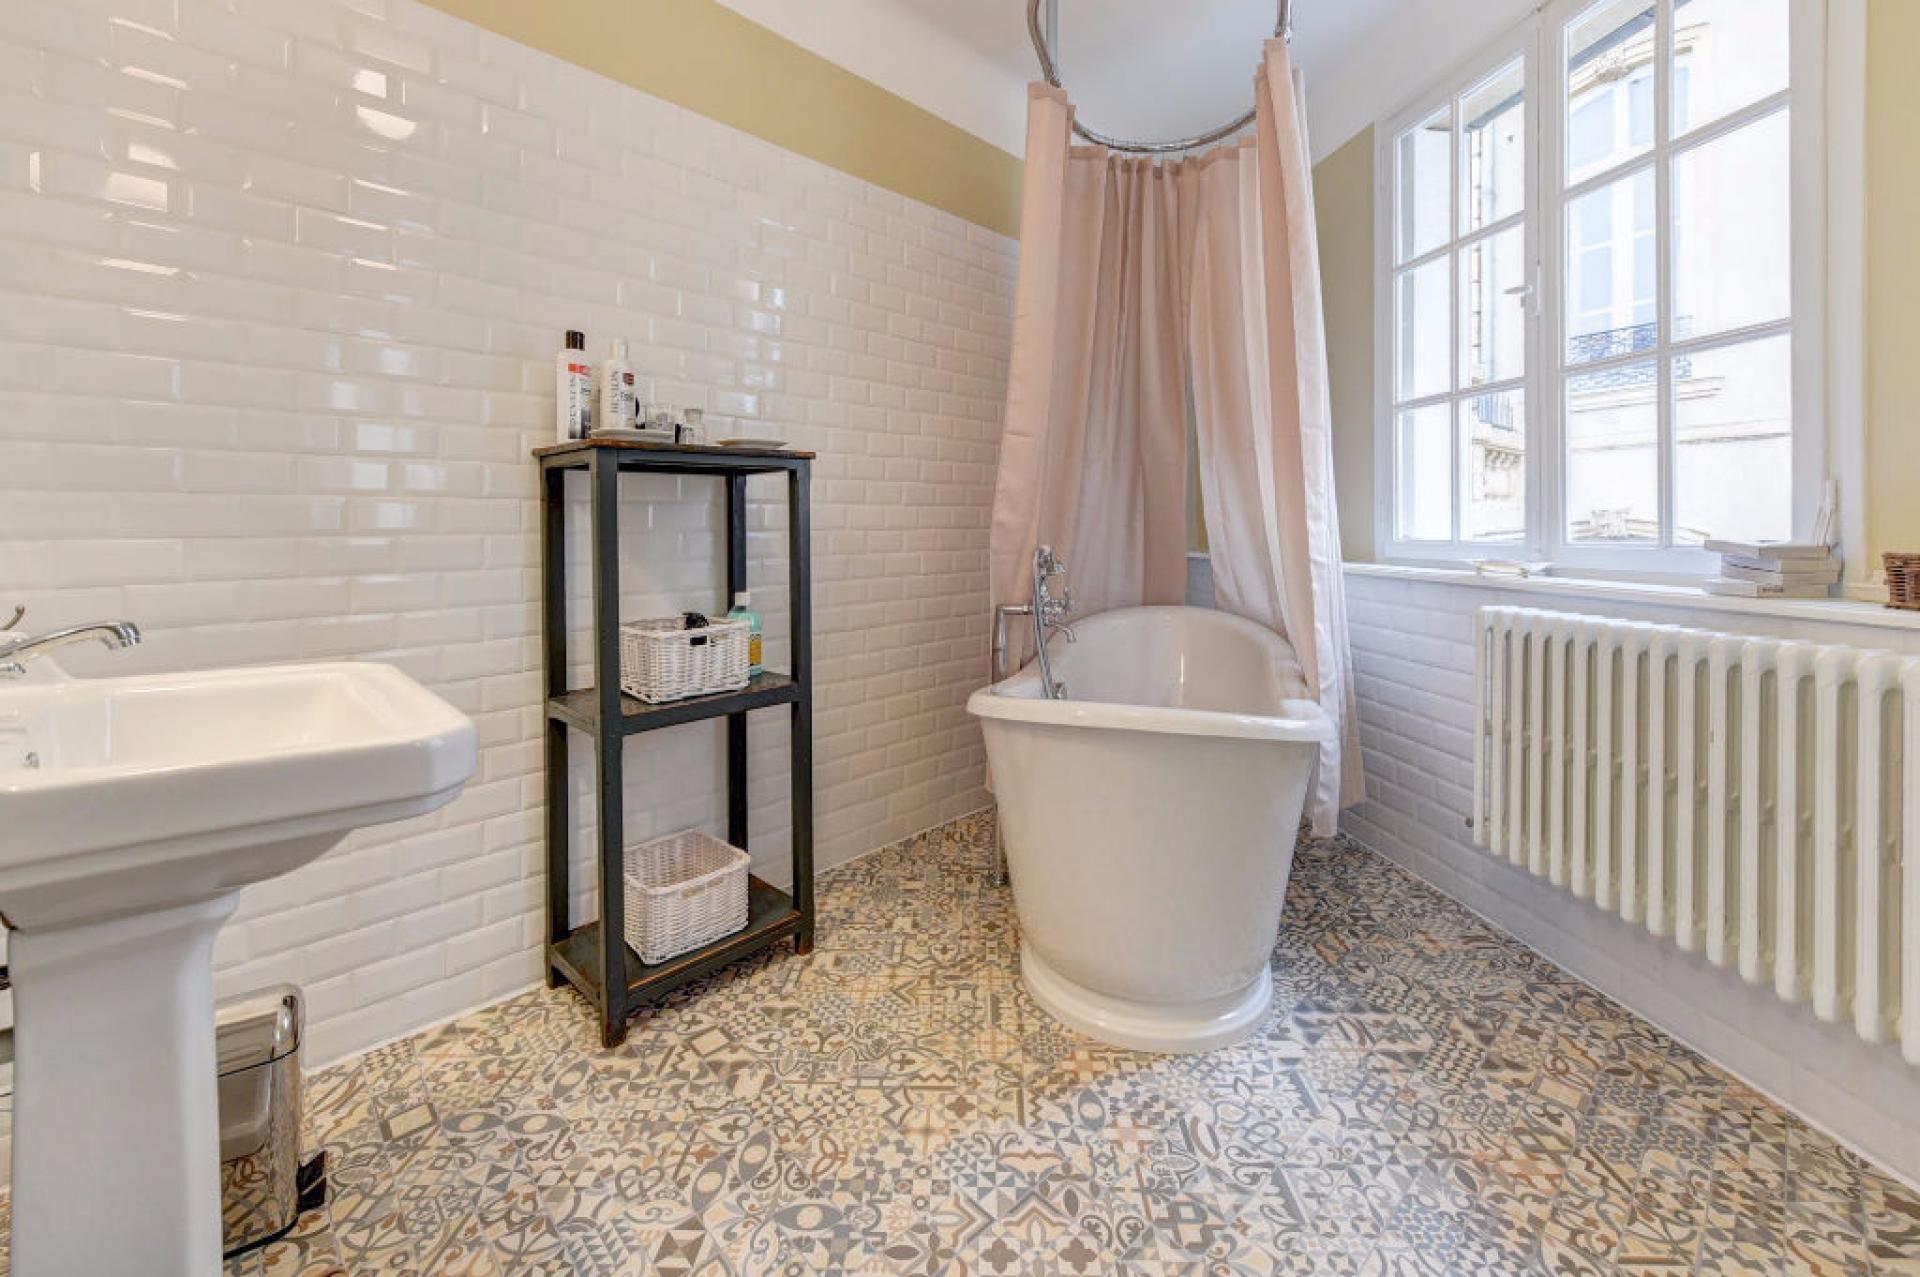 appartement meubl de tourisme metz duplex 2 personnes herbeth immobilier. Black Bedroom Furniture Sets. Home Design Ideas